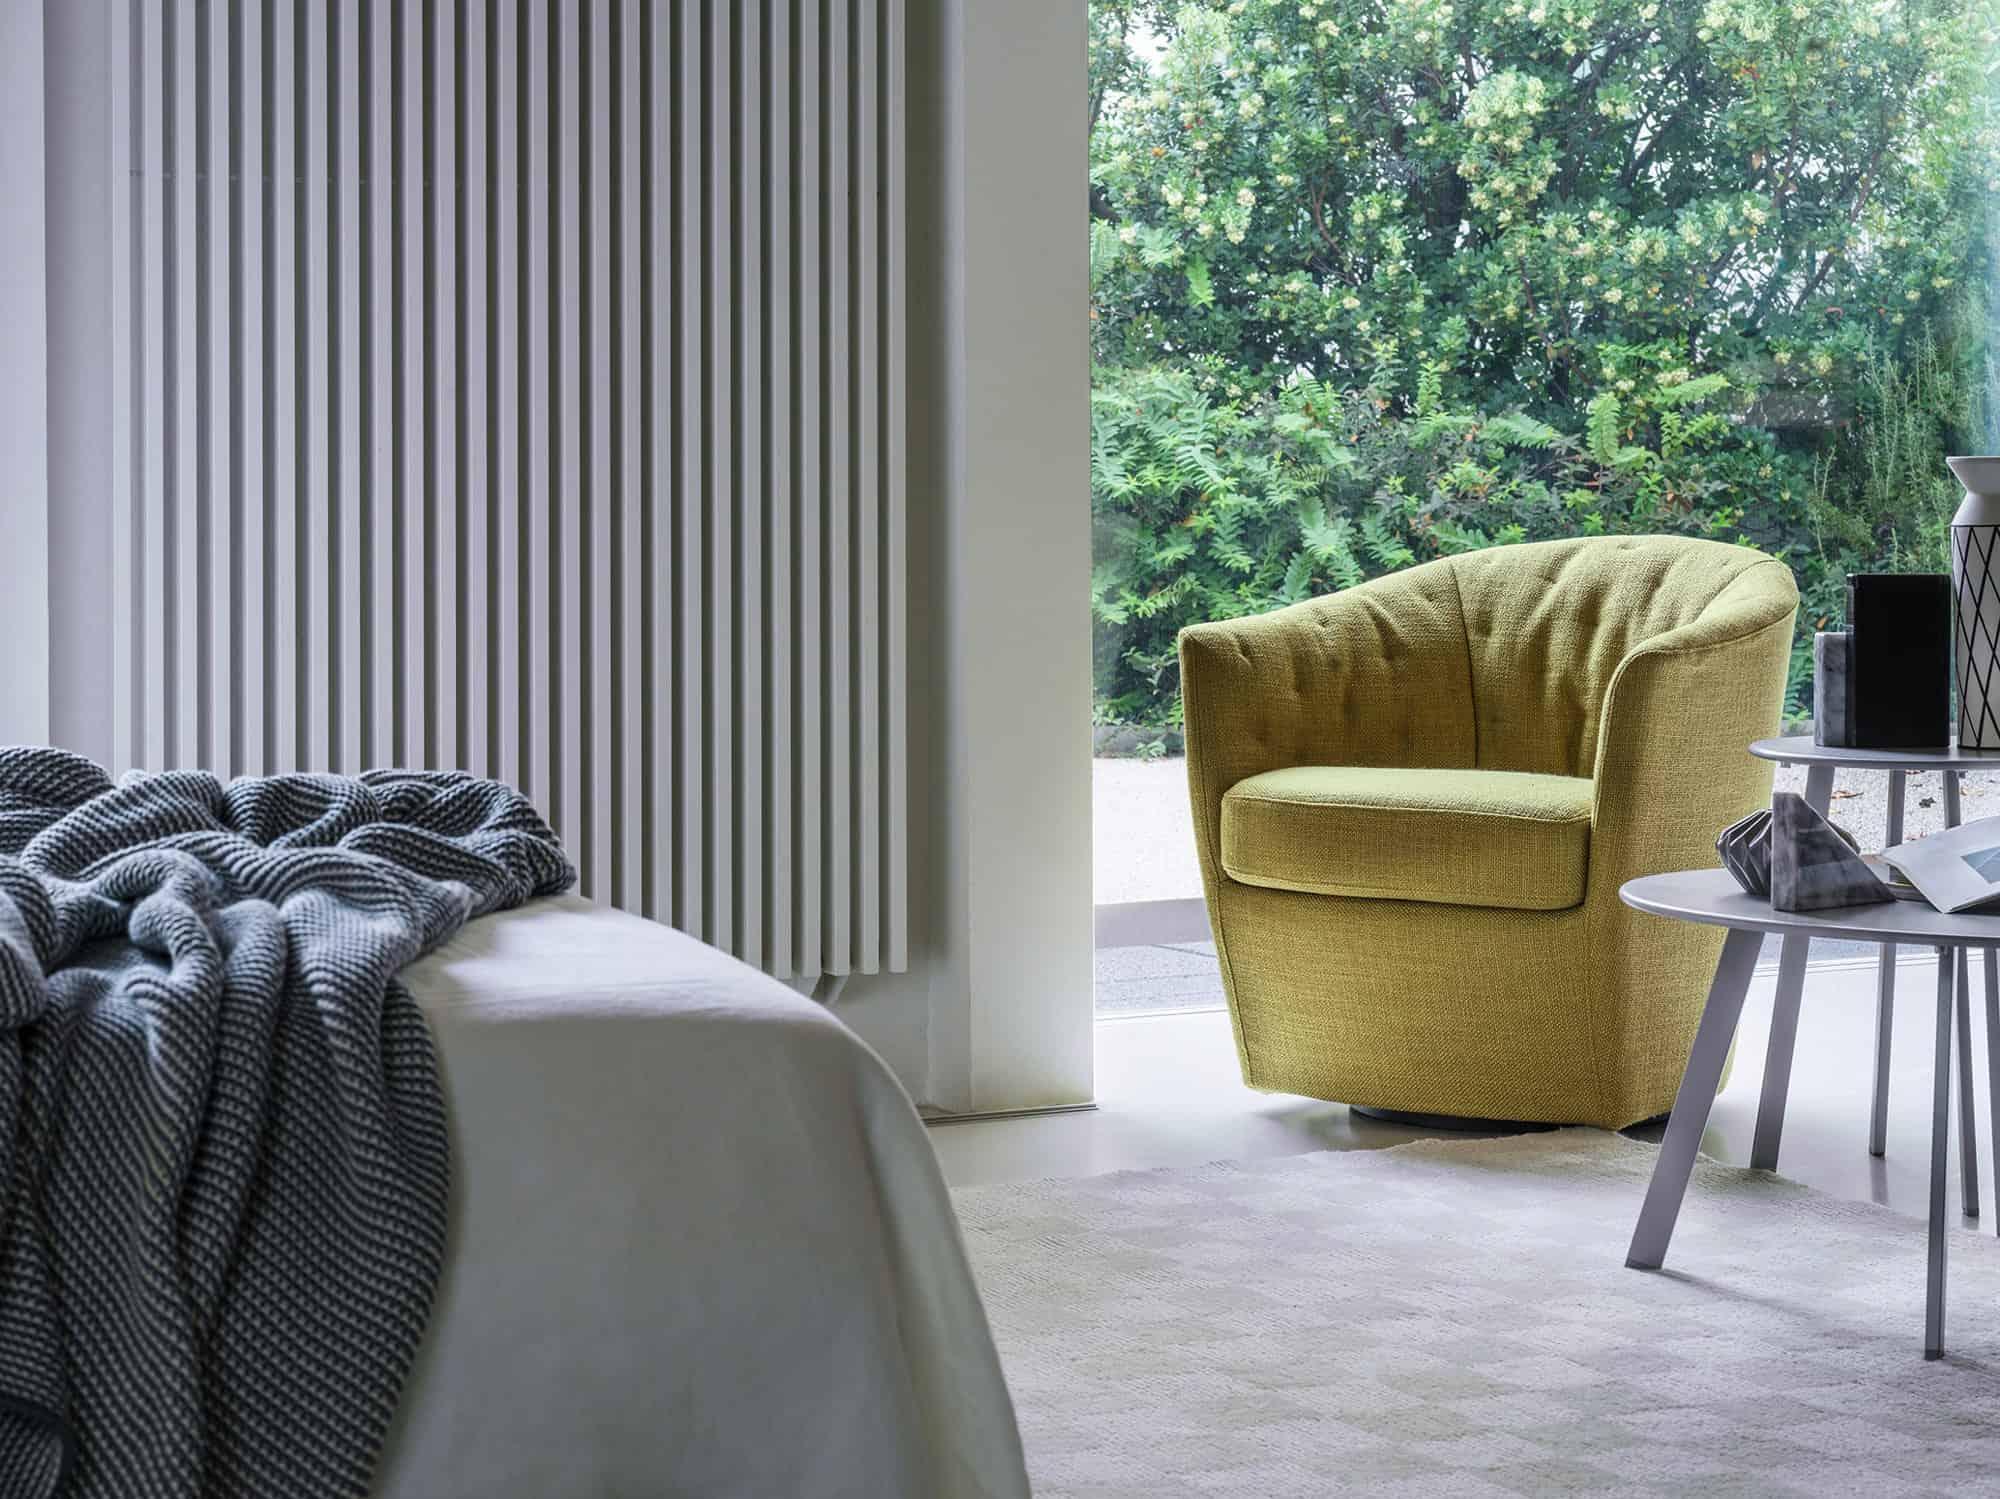 Costantina – Sospesa su un celato vassoio girevole che enfatizza il suo aspetto composto e ordinato – 72×72 – Tessuto Diesis Acacia